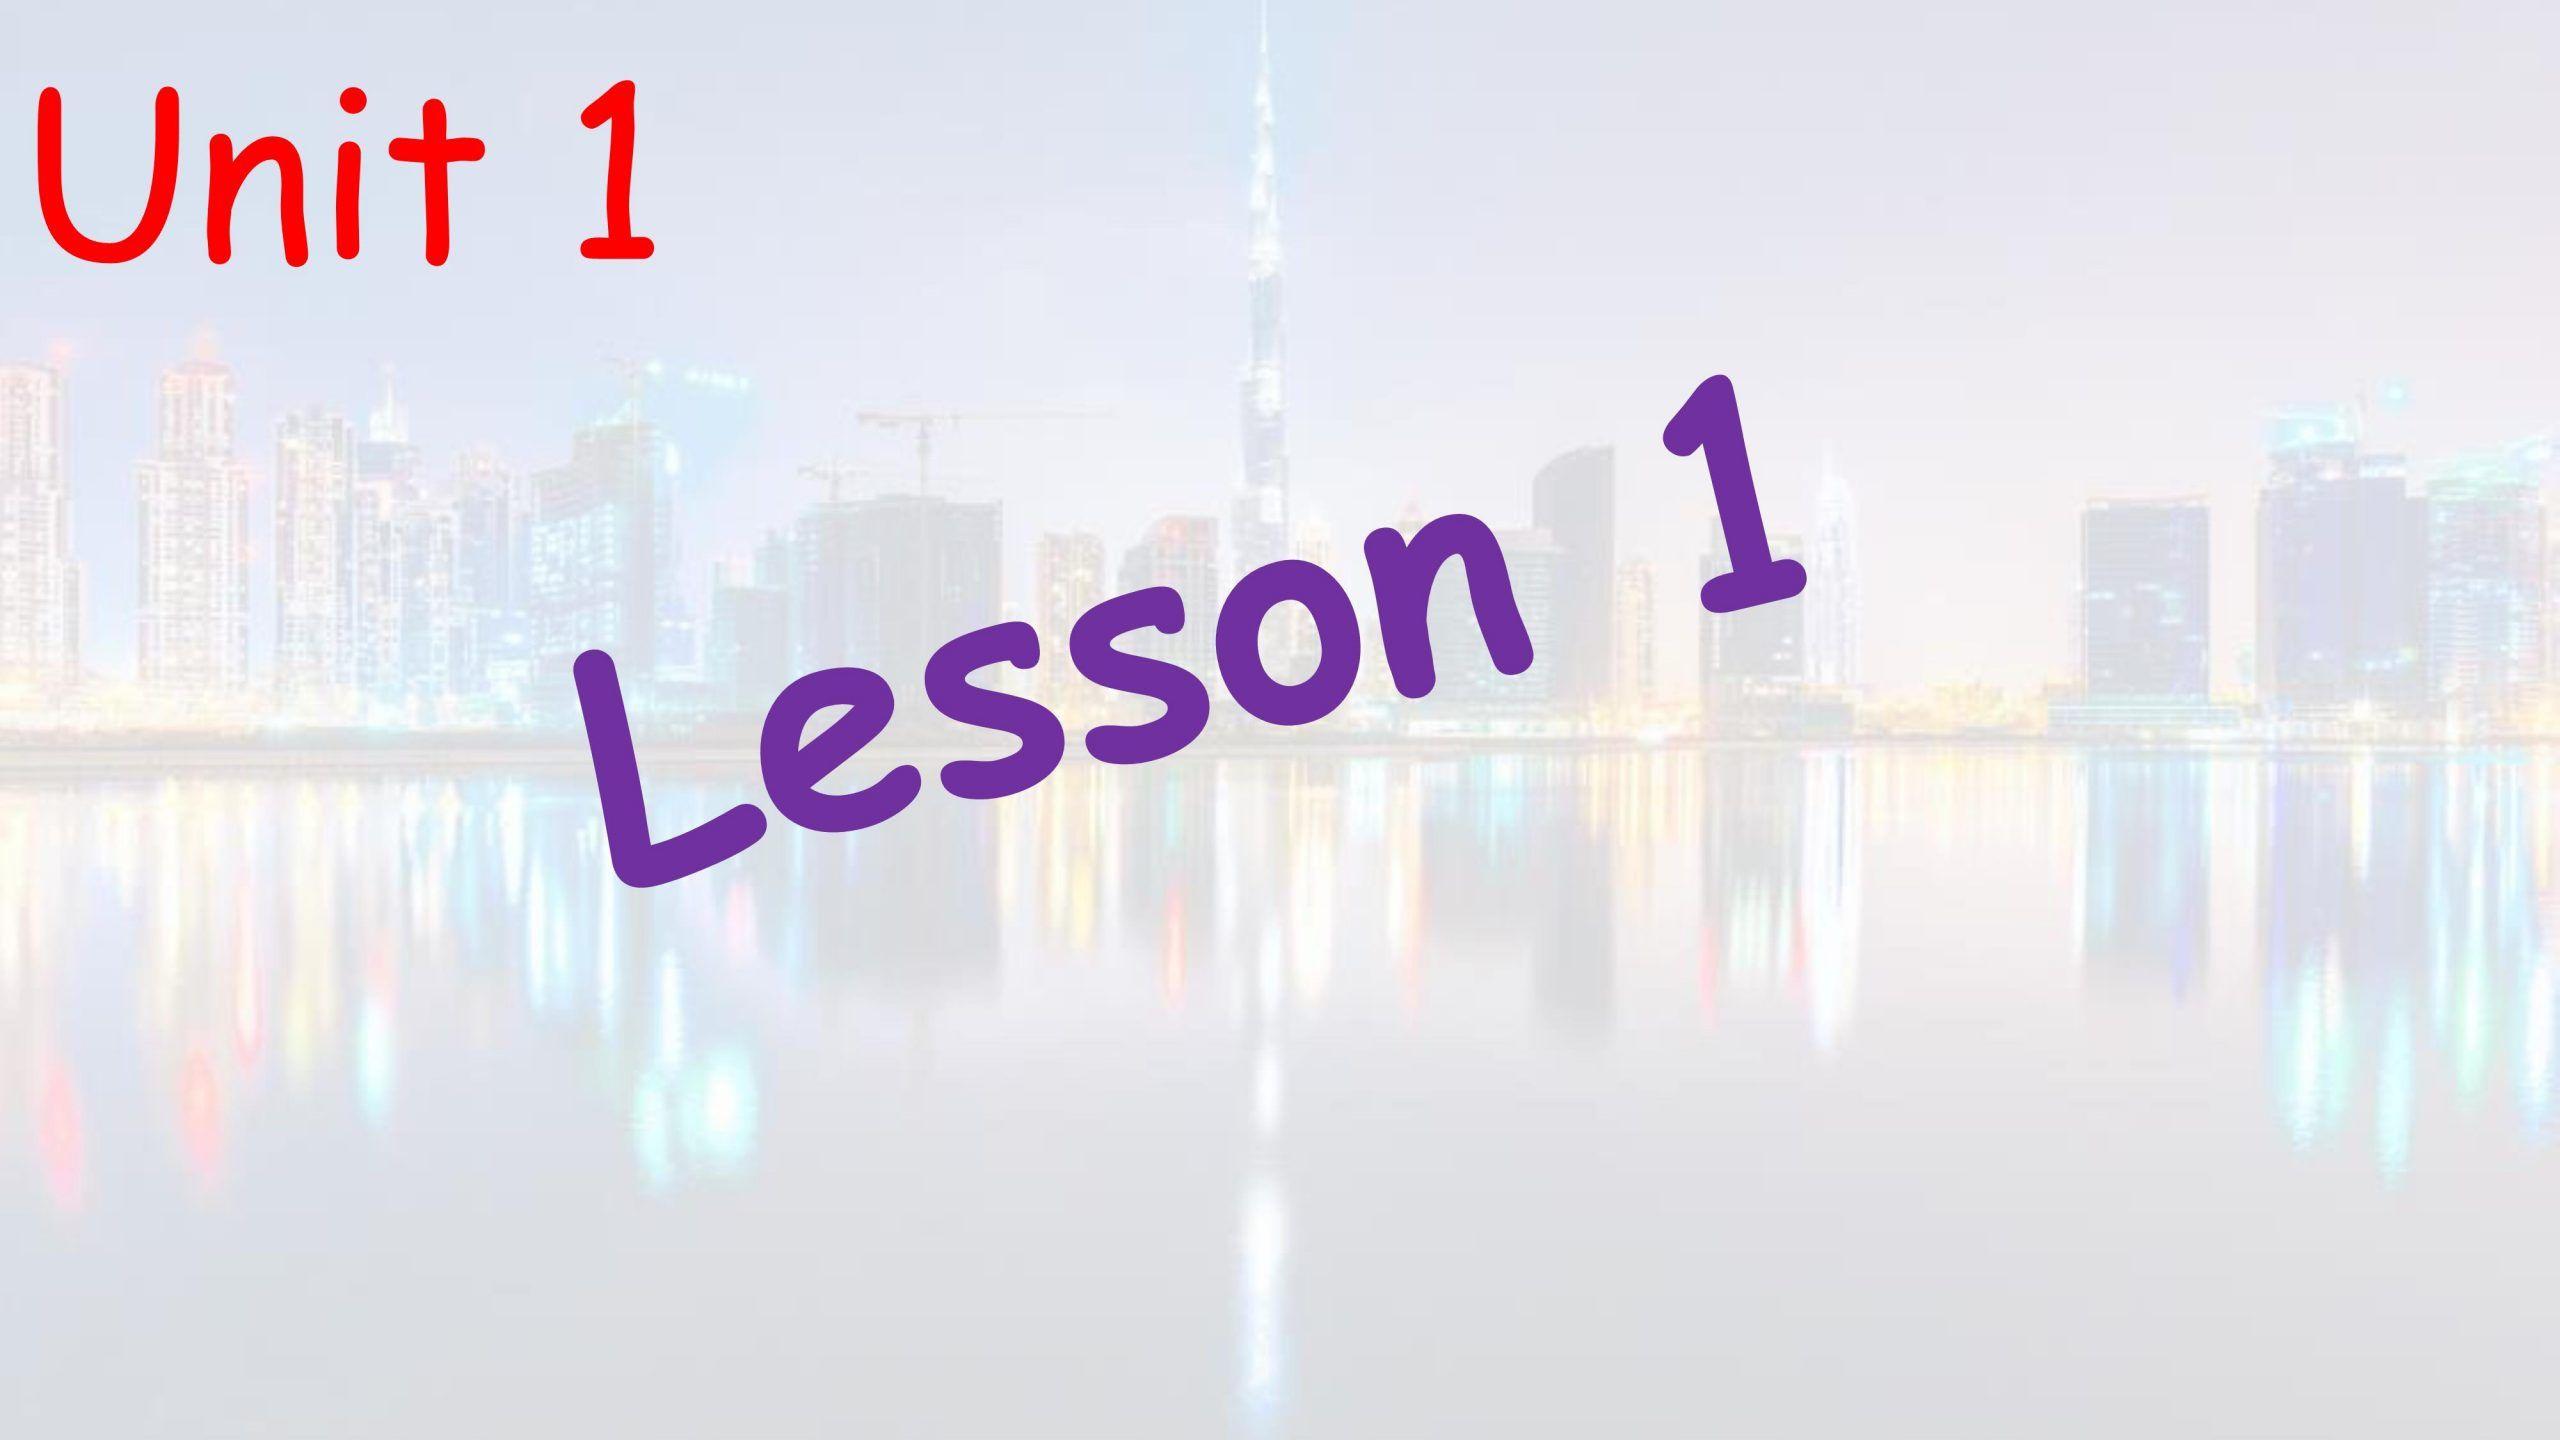 الدرس الاول Lesson 1 مع الاجابات للصف الخامس مادة اللغة الانجليزية Lesson The Unit